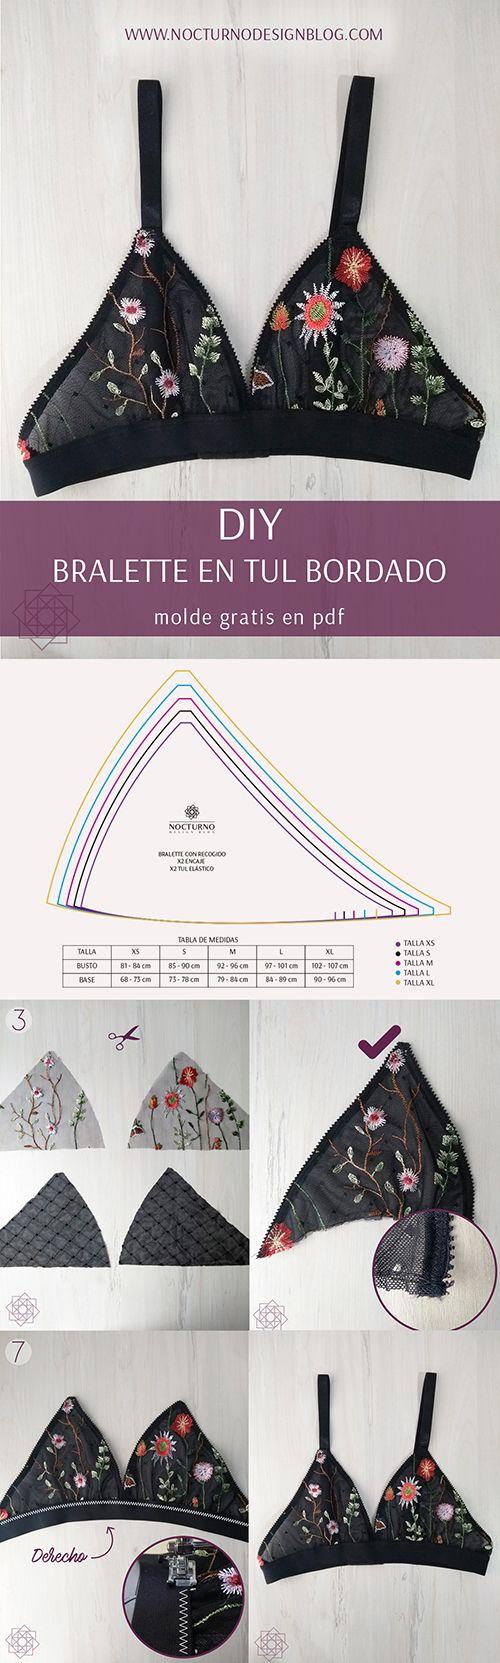 DIY Lace bralette. DIY Bralette de encaje. Bralette pattern. Patrón de bralette…